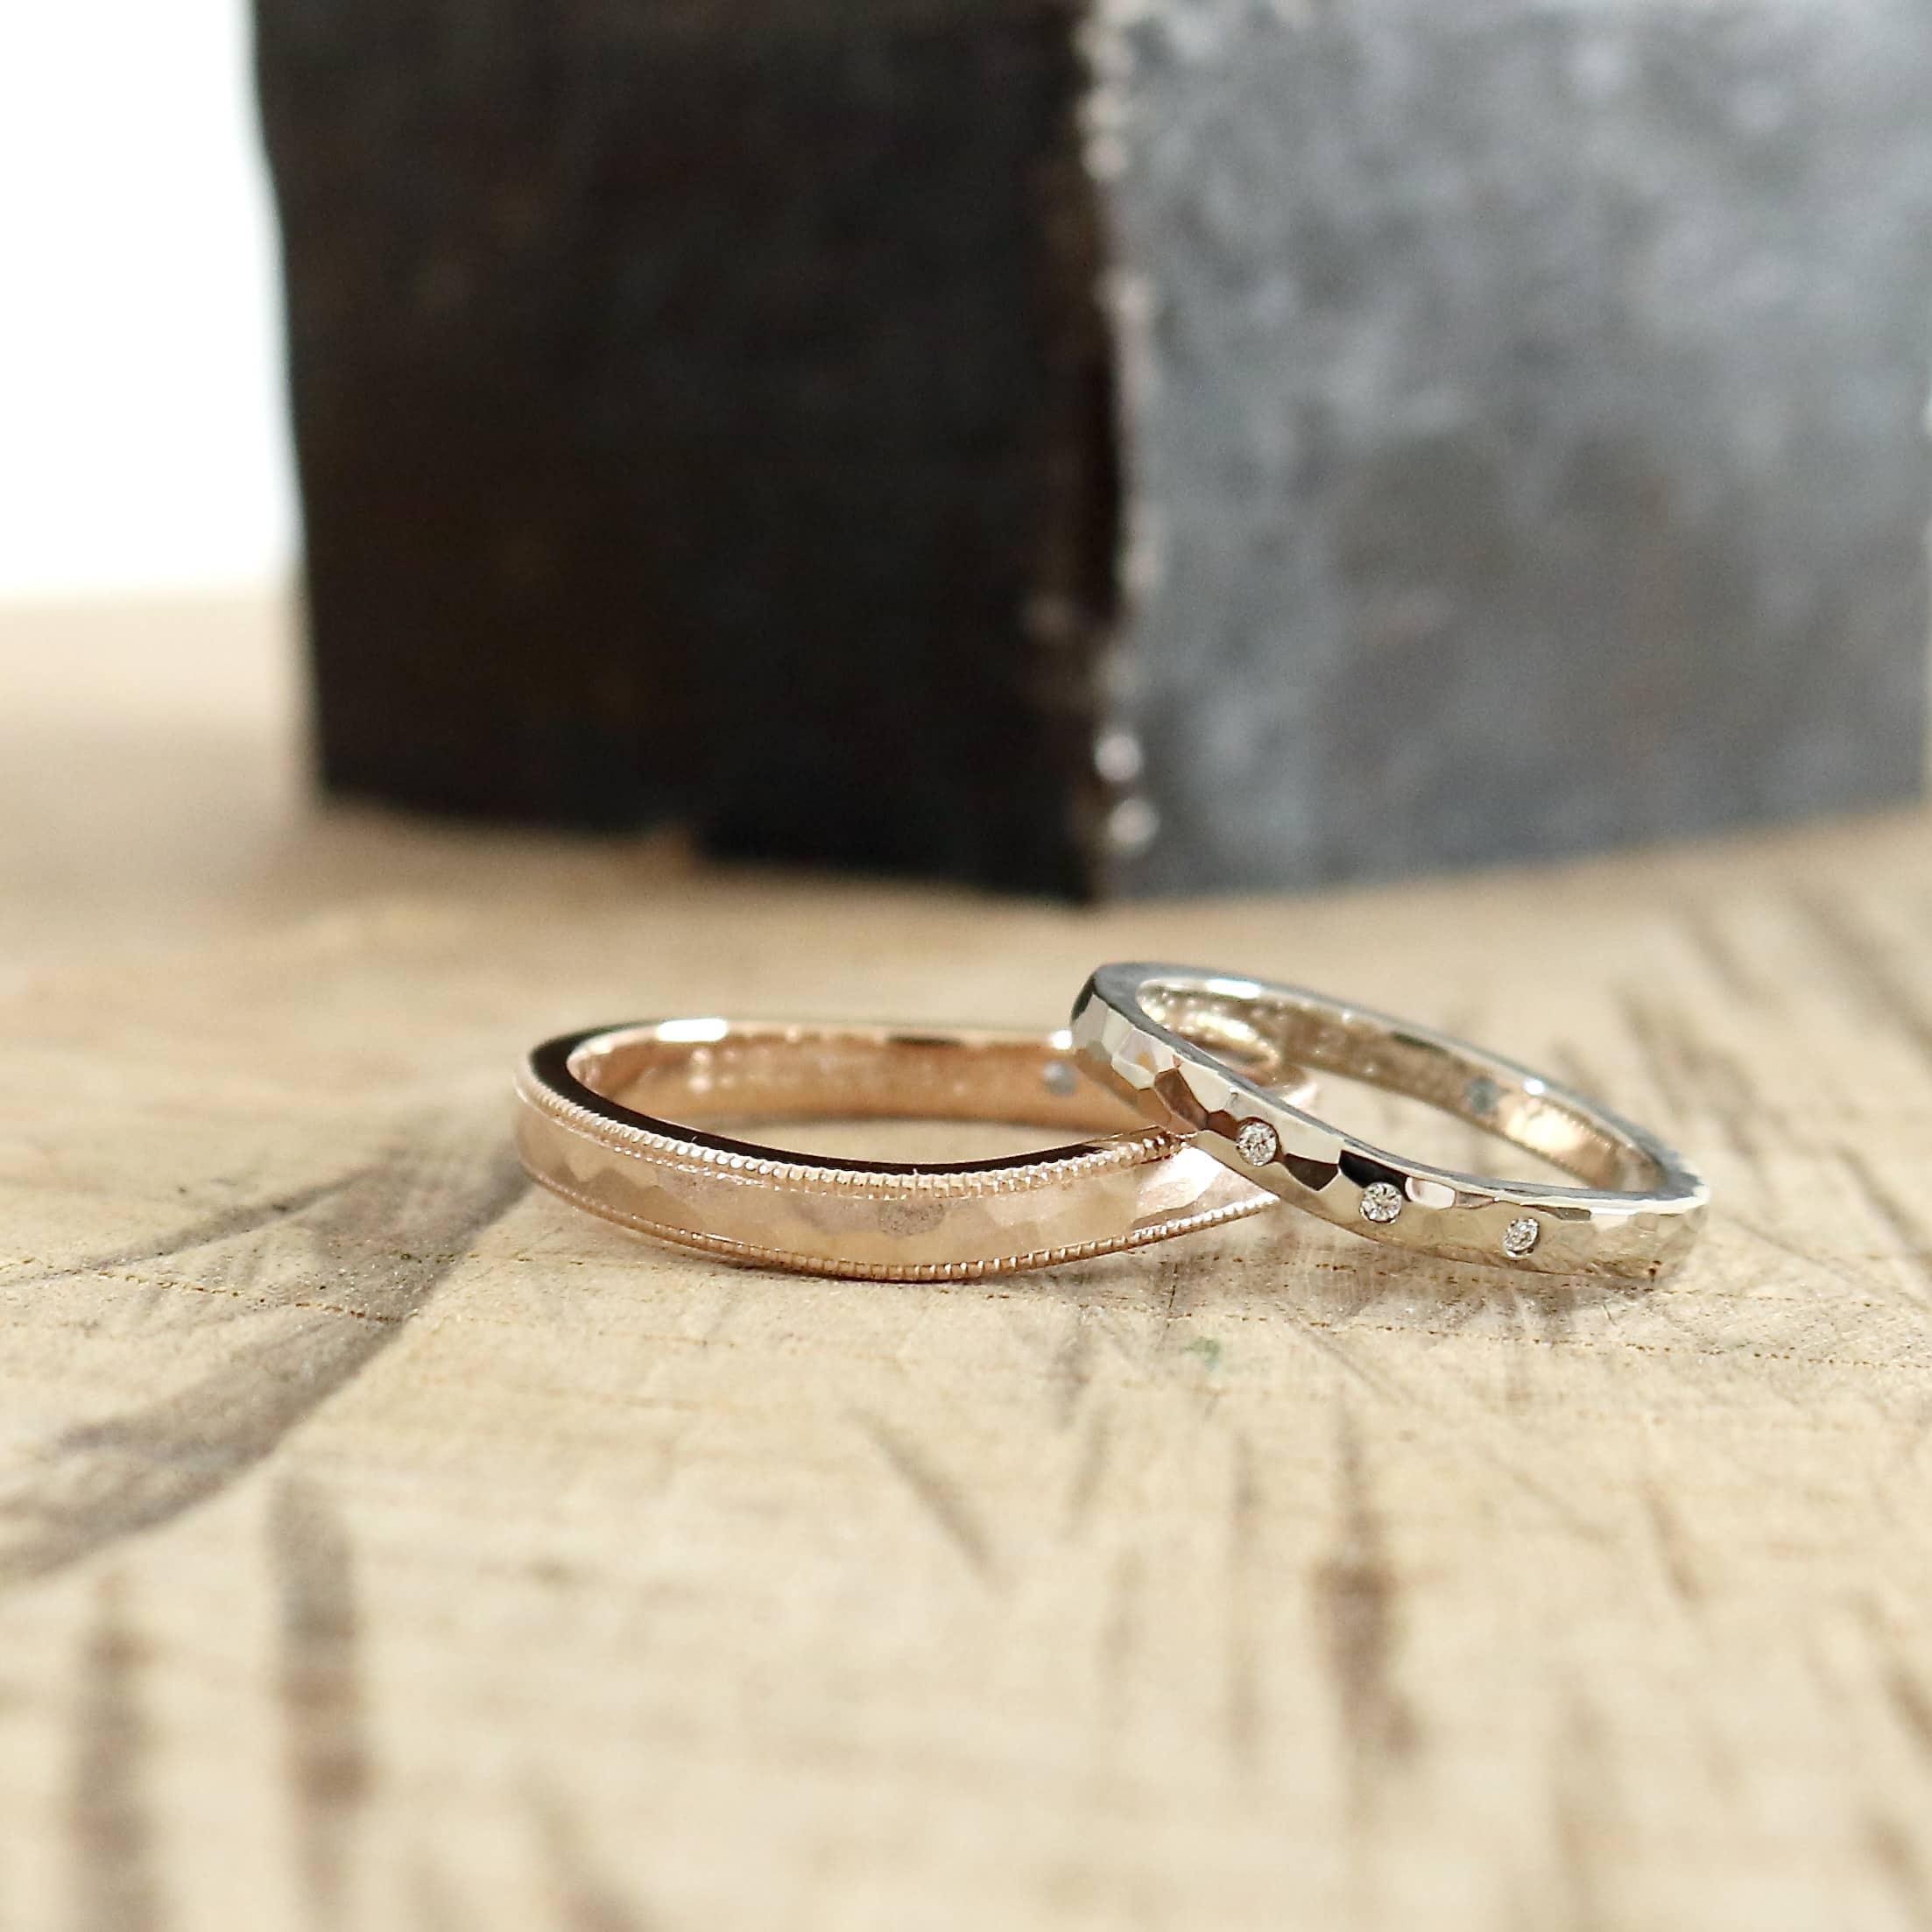 鎚目とミルグレインを施した結婚指輪